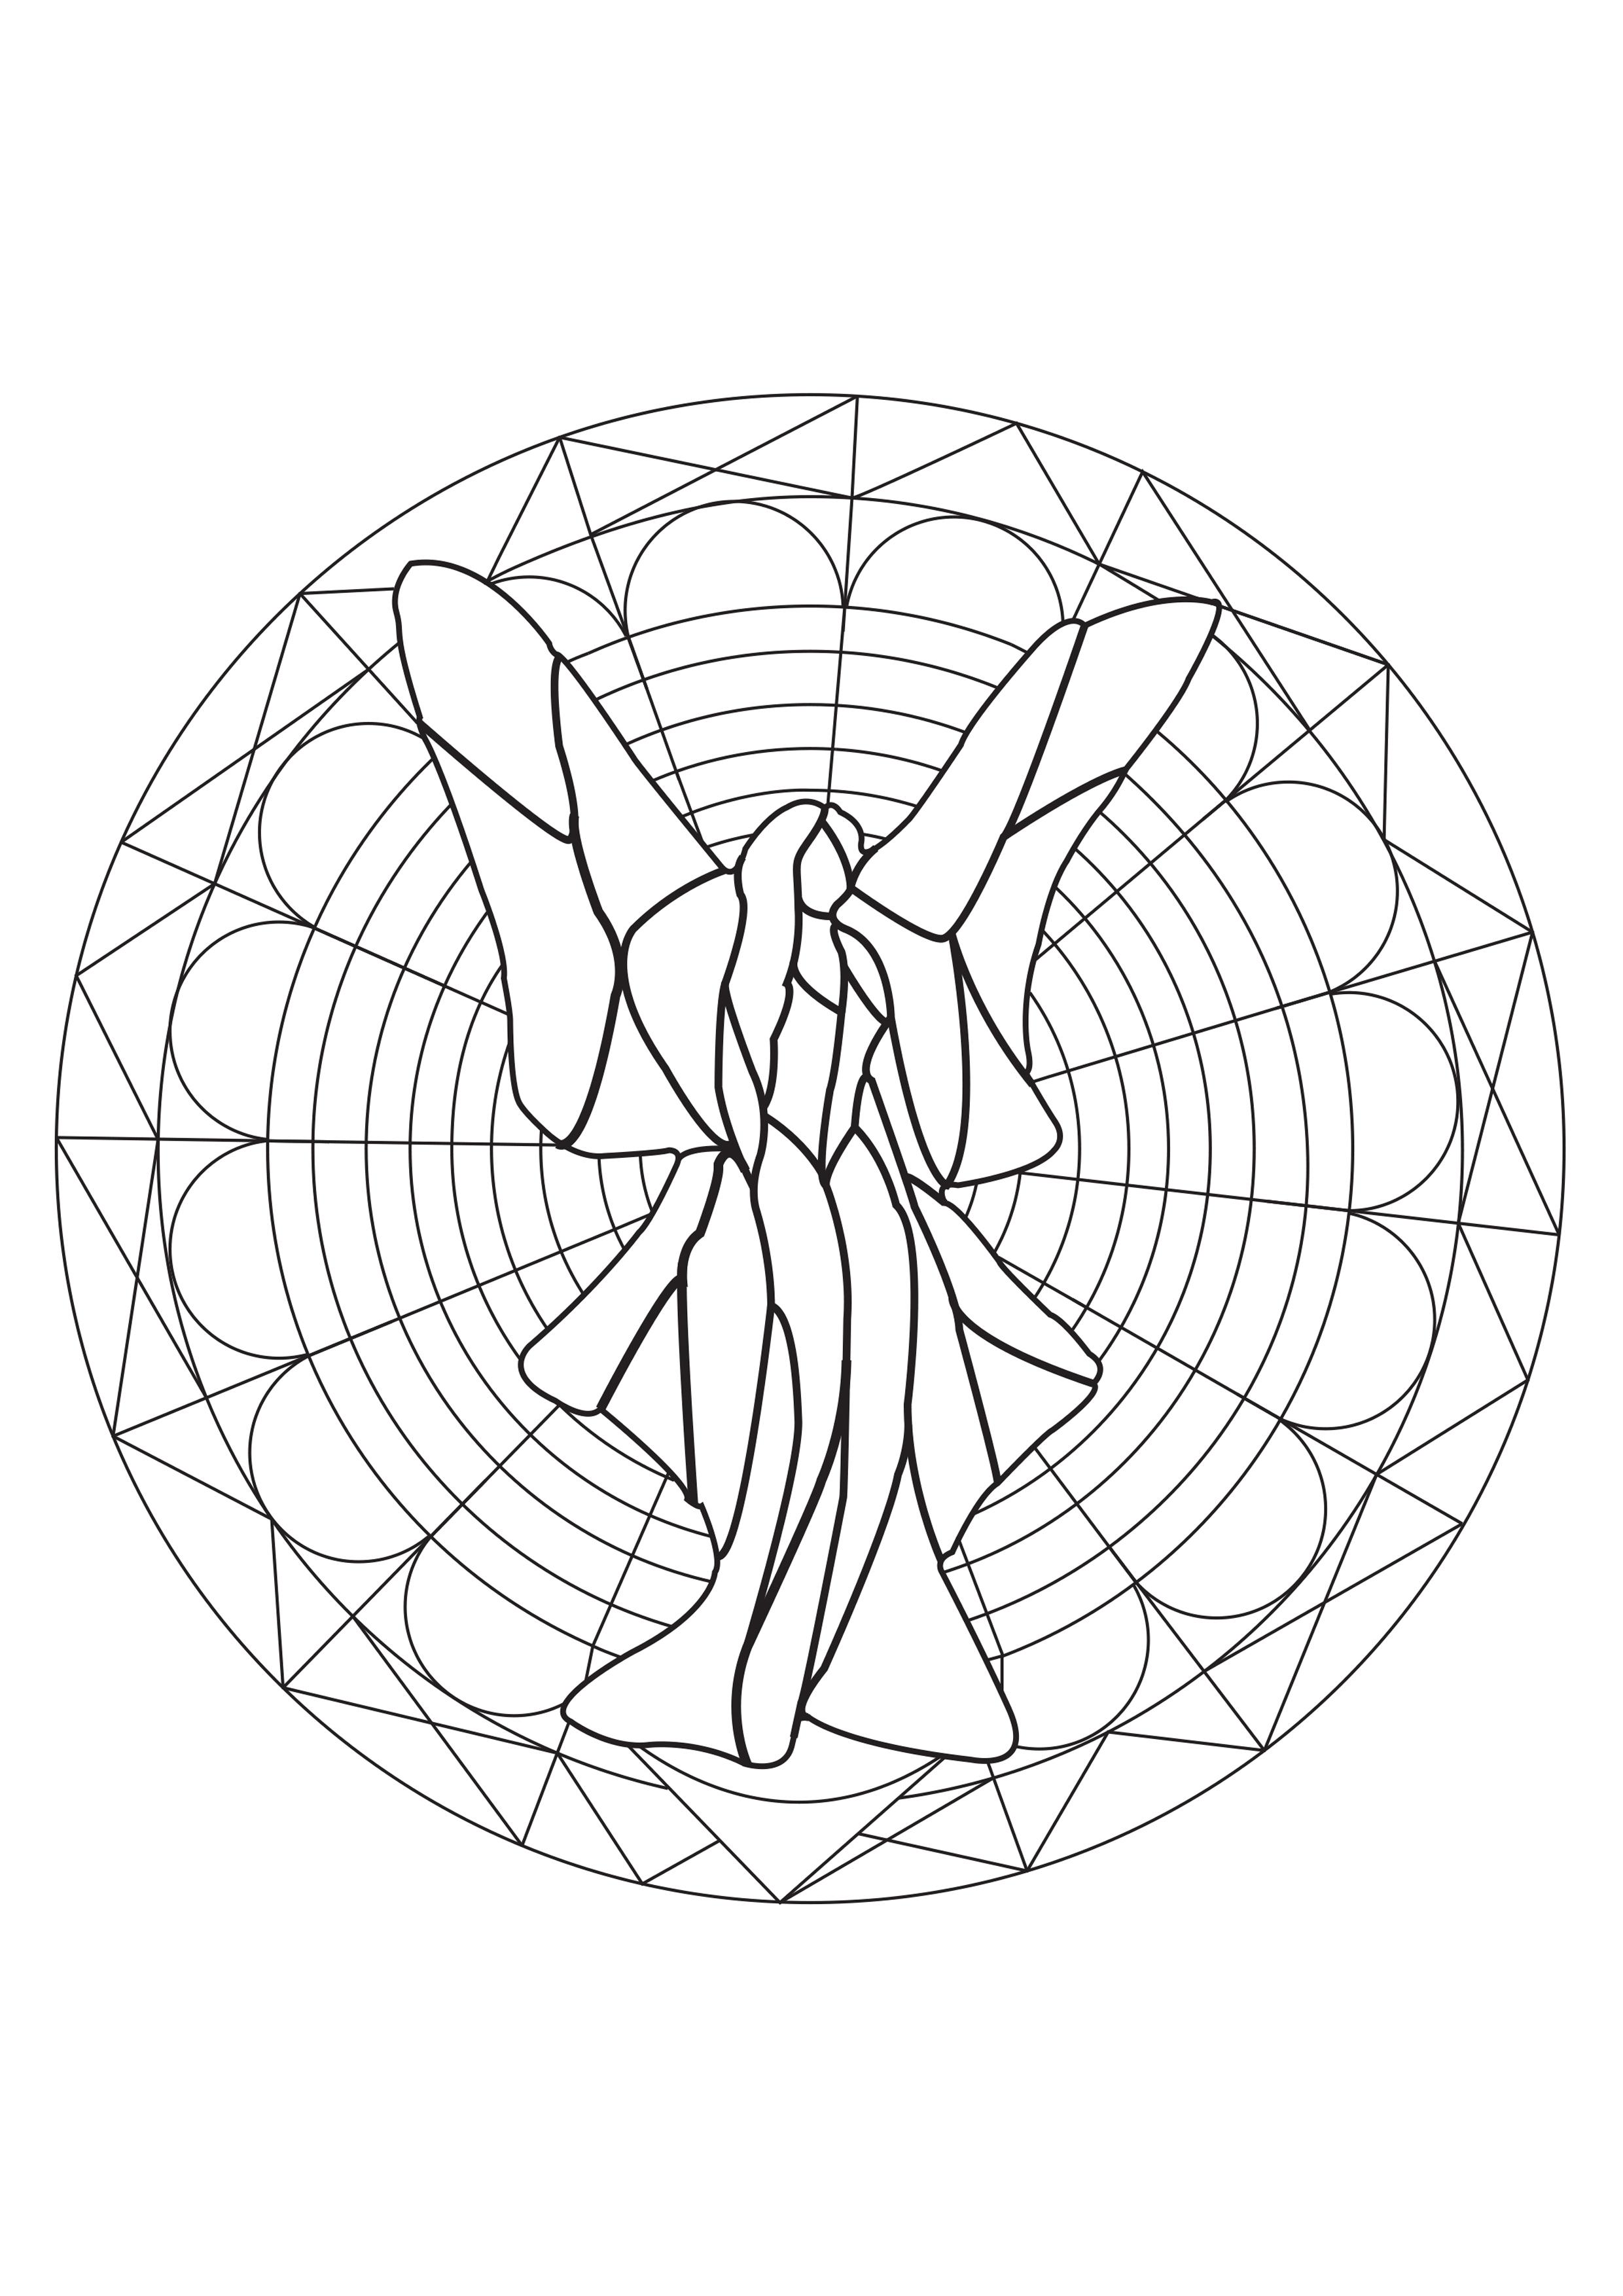 Fairy mandala